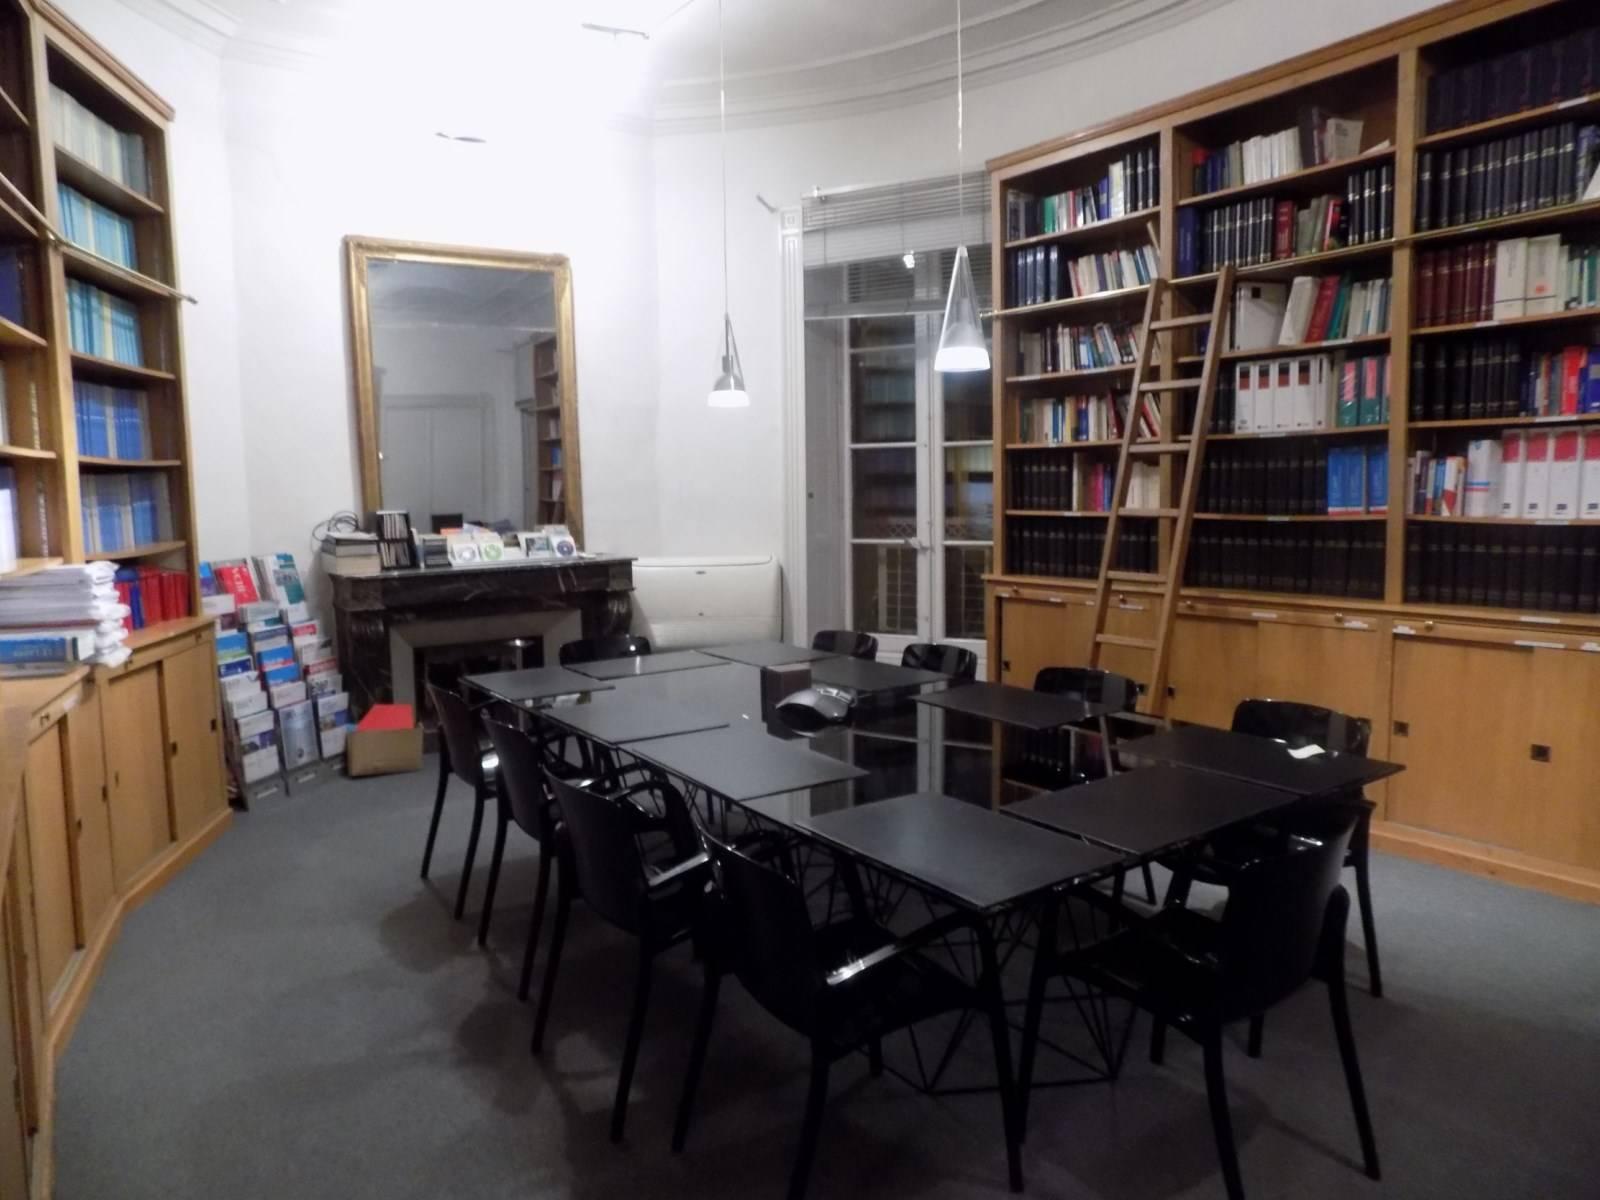 entretien et nettoyage de locaux sensibles avocats notaires experts comptables montpellier. Black Bedroom Furniture Sets. Home Design Ideas